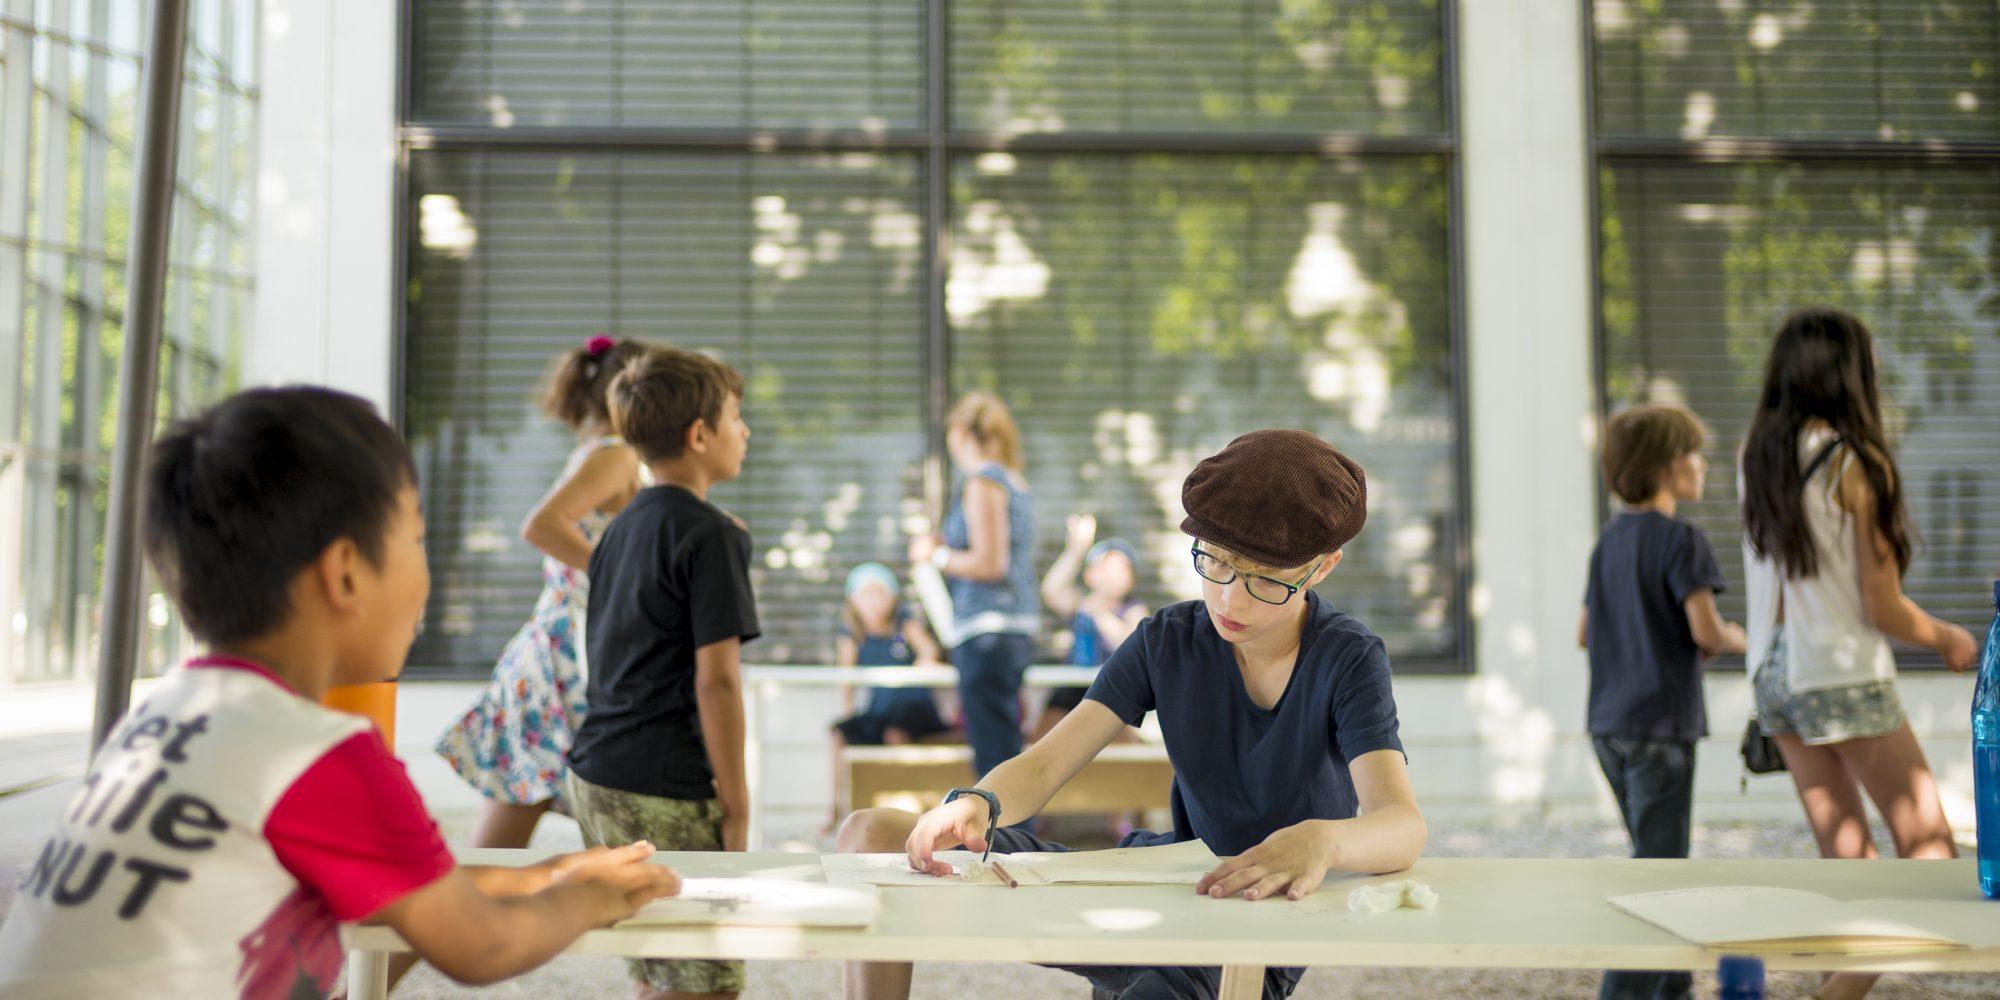 Sommerferienprogramm vor der Pinakothek der Moderne, Foto: Falk Kagelmacher